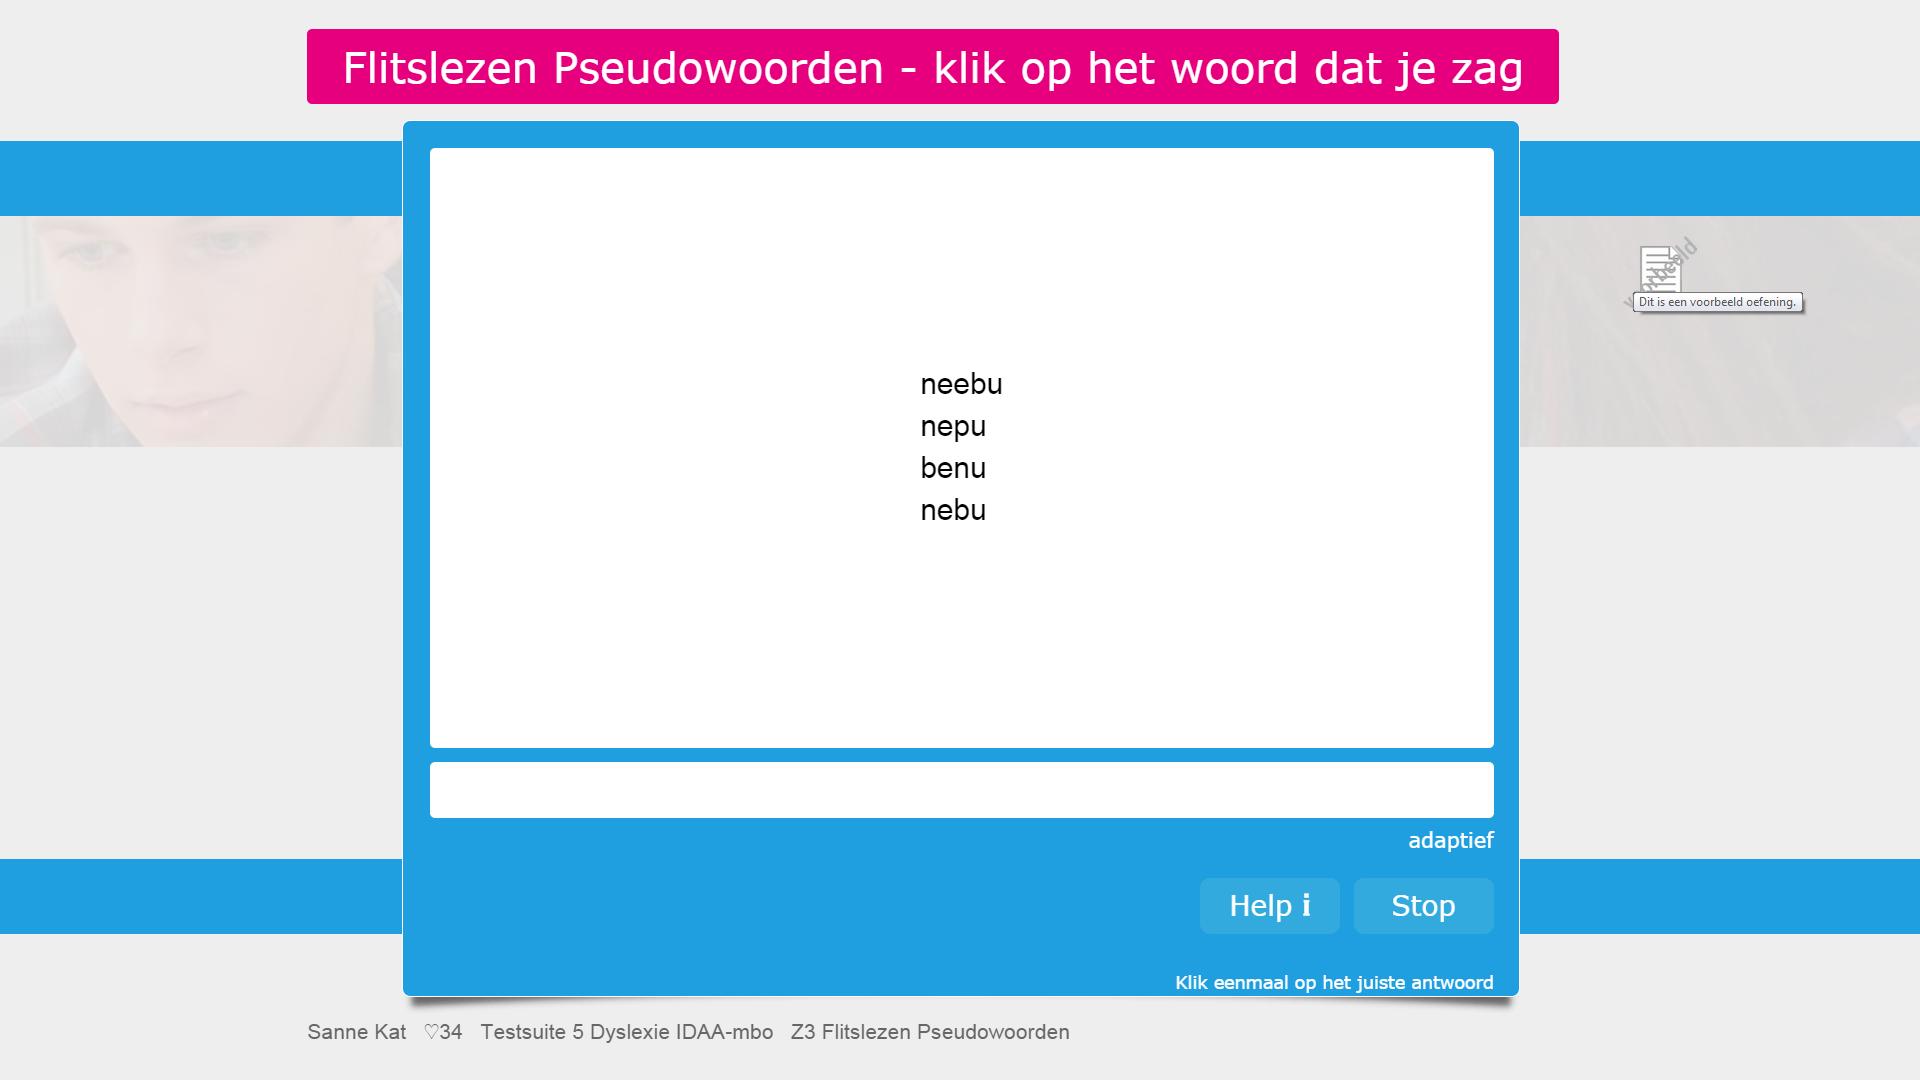 Voorbeeldvraag subtest flitslezen pseudowoorden van de interactieve dyslexietest